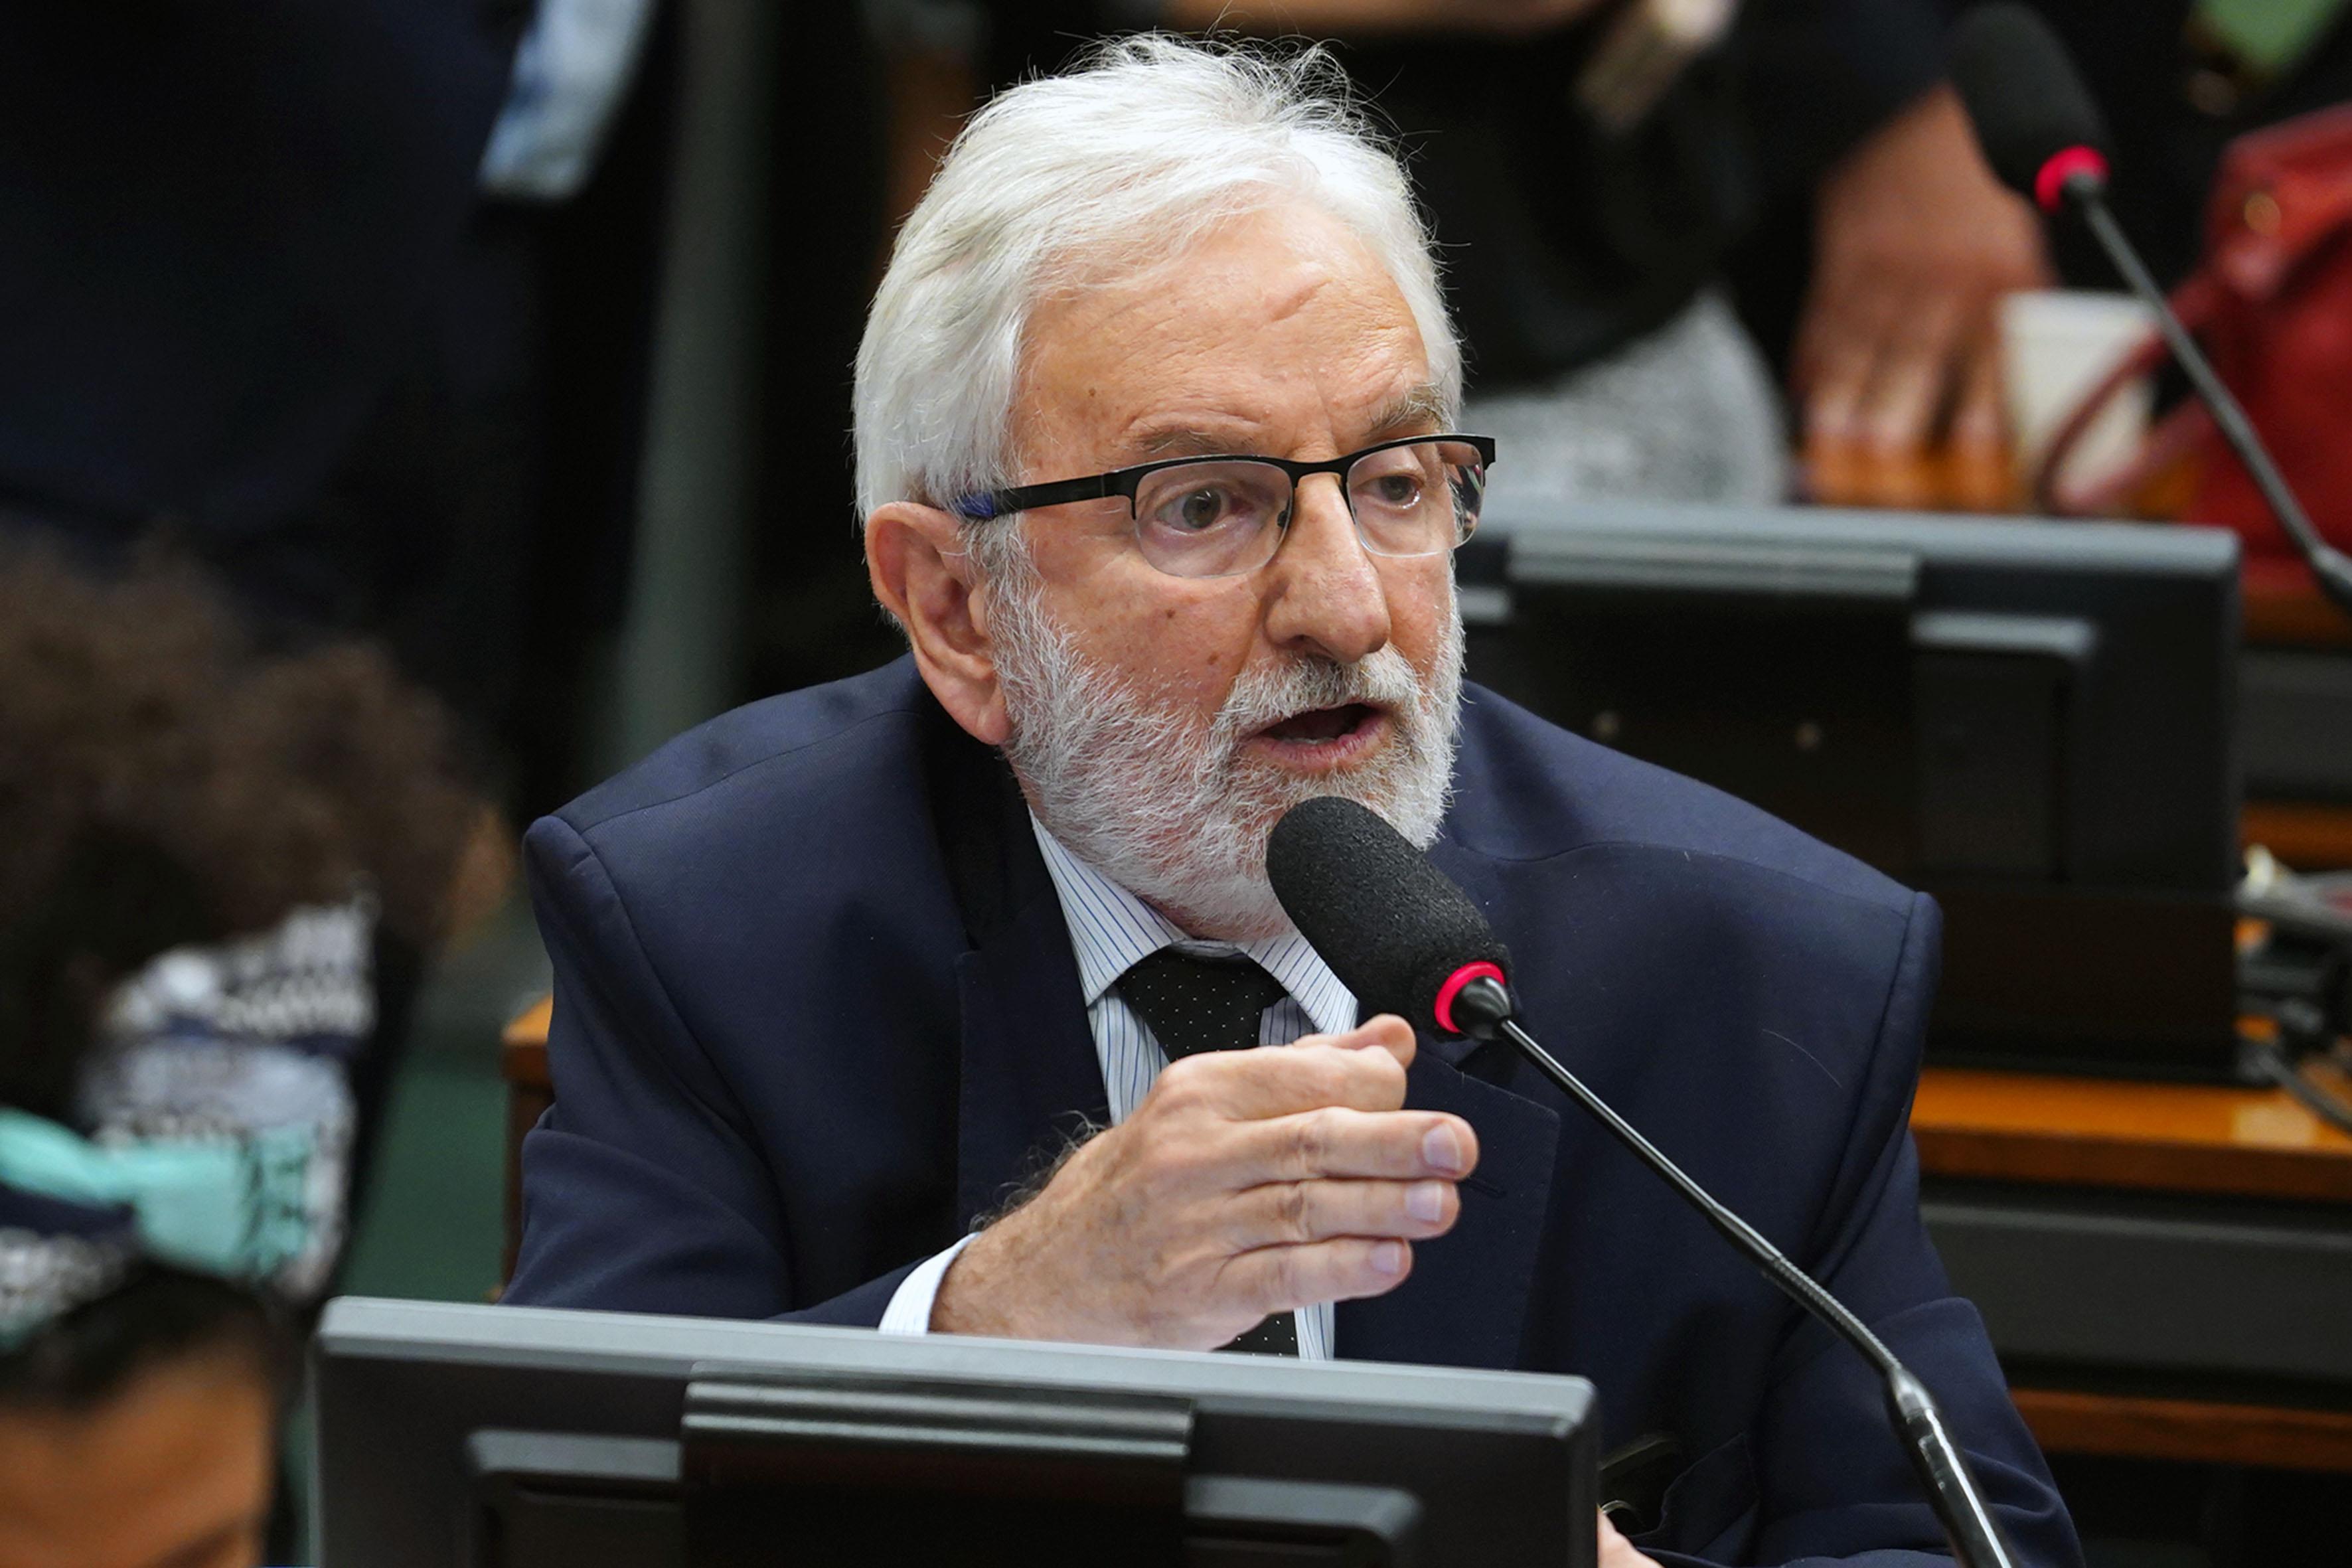 Reunião ordinária. Dep. Ivan Valente (PSOL - SP)